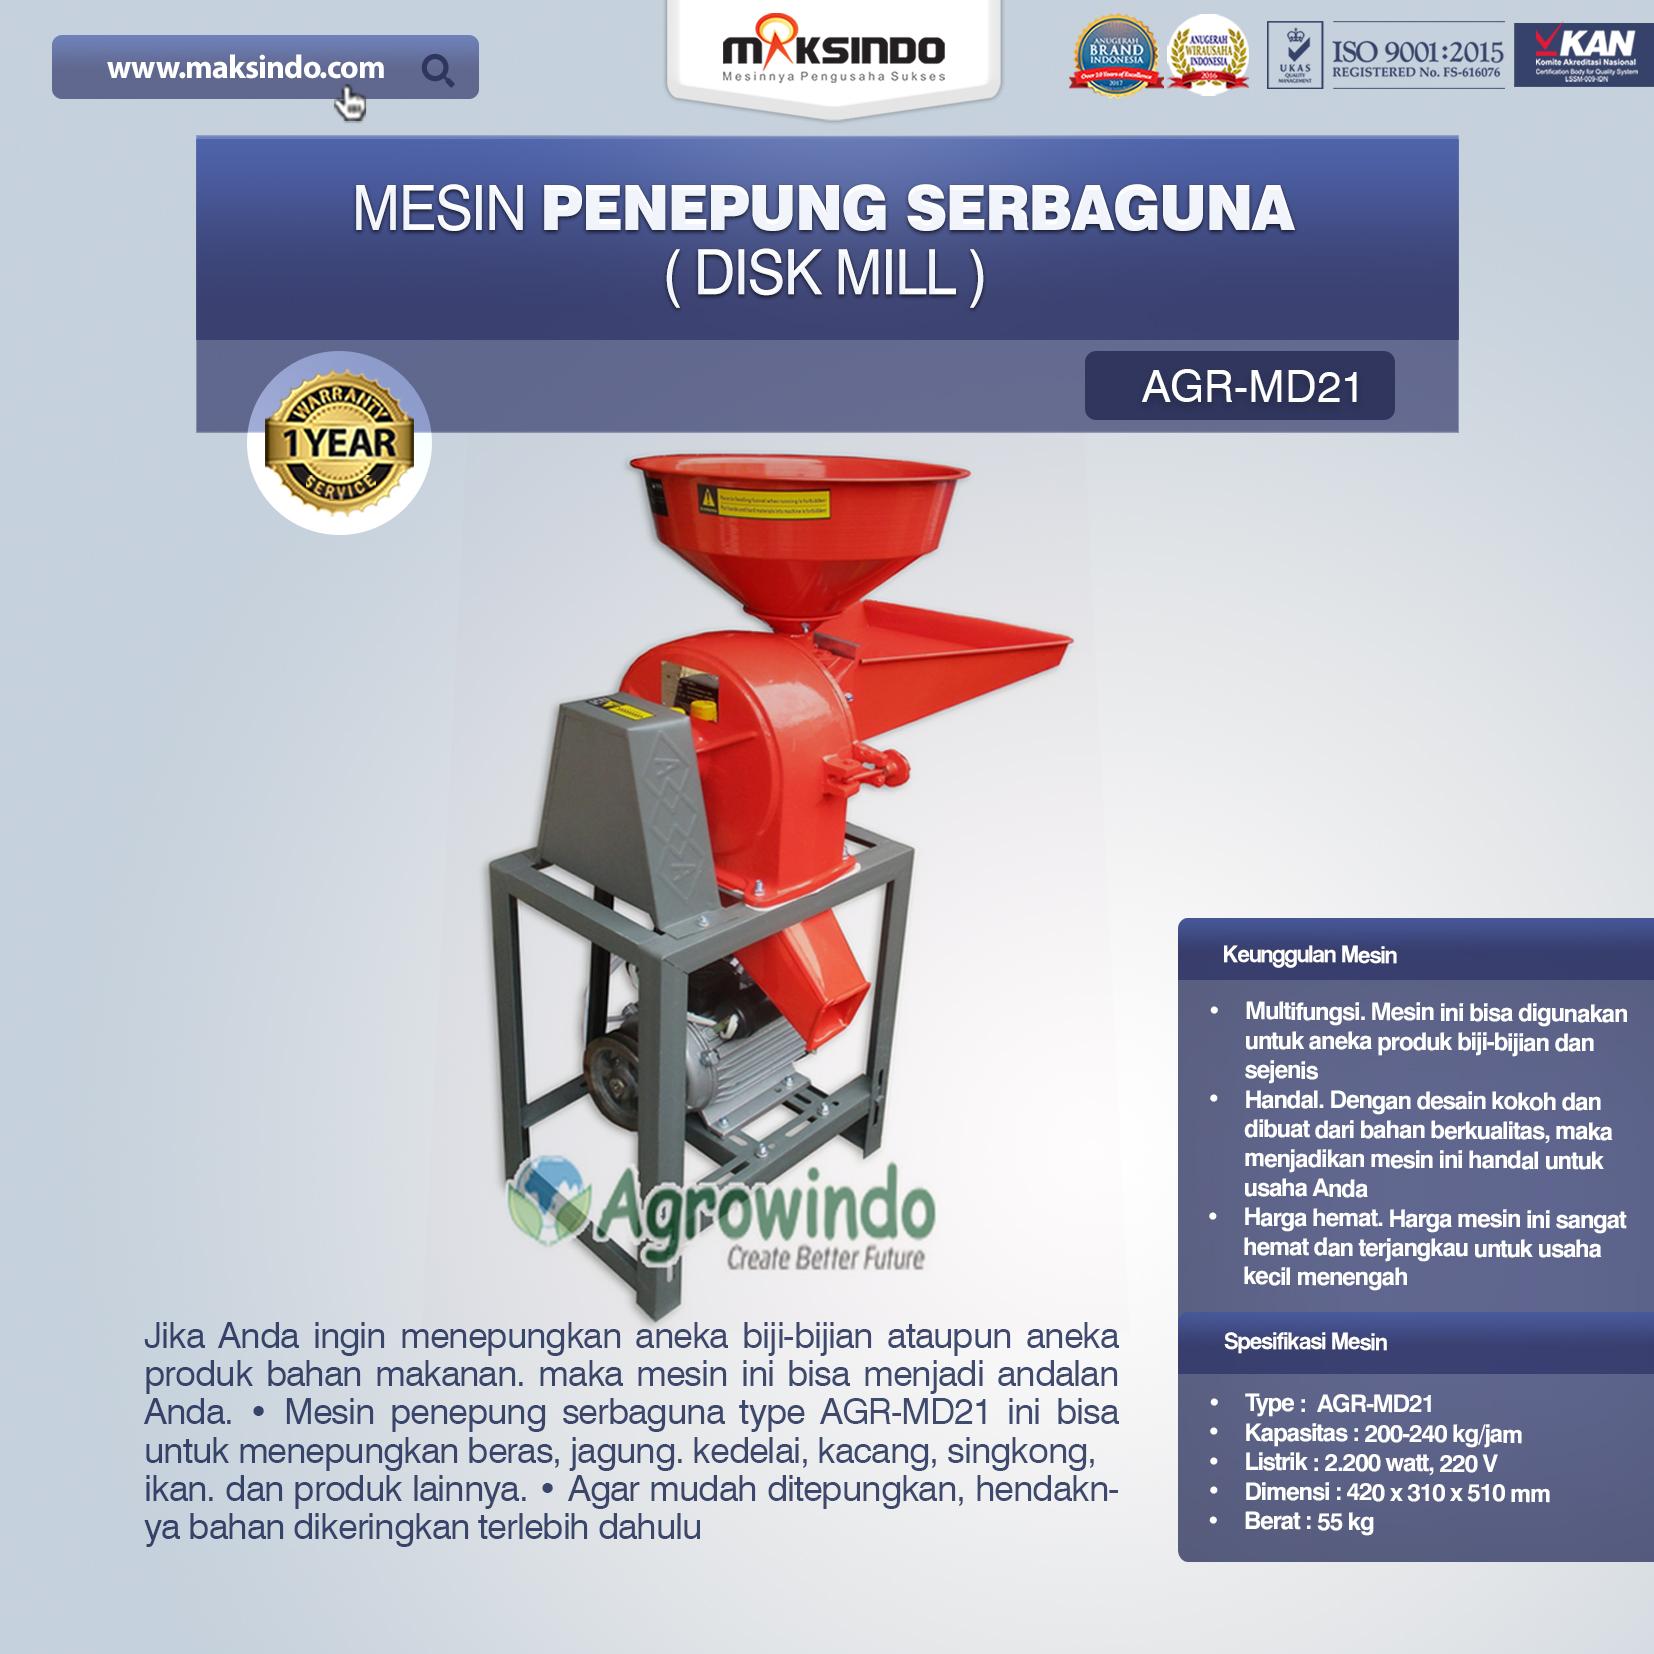 Jual Penepung Disk Mill Serbaguna (AGR-MD21) di Blitar